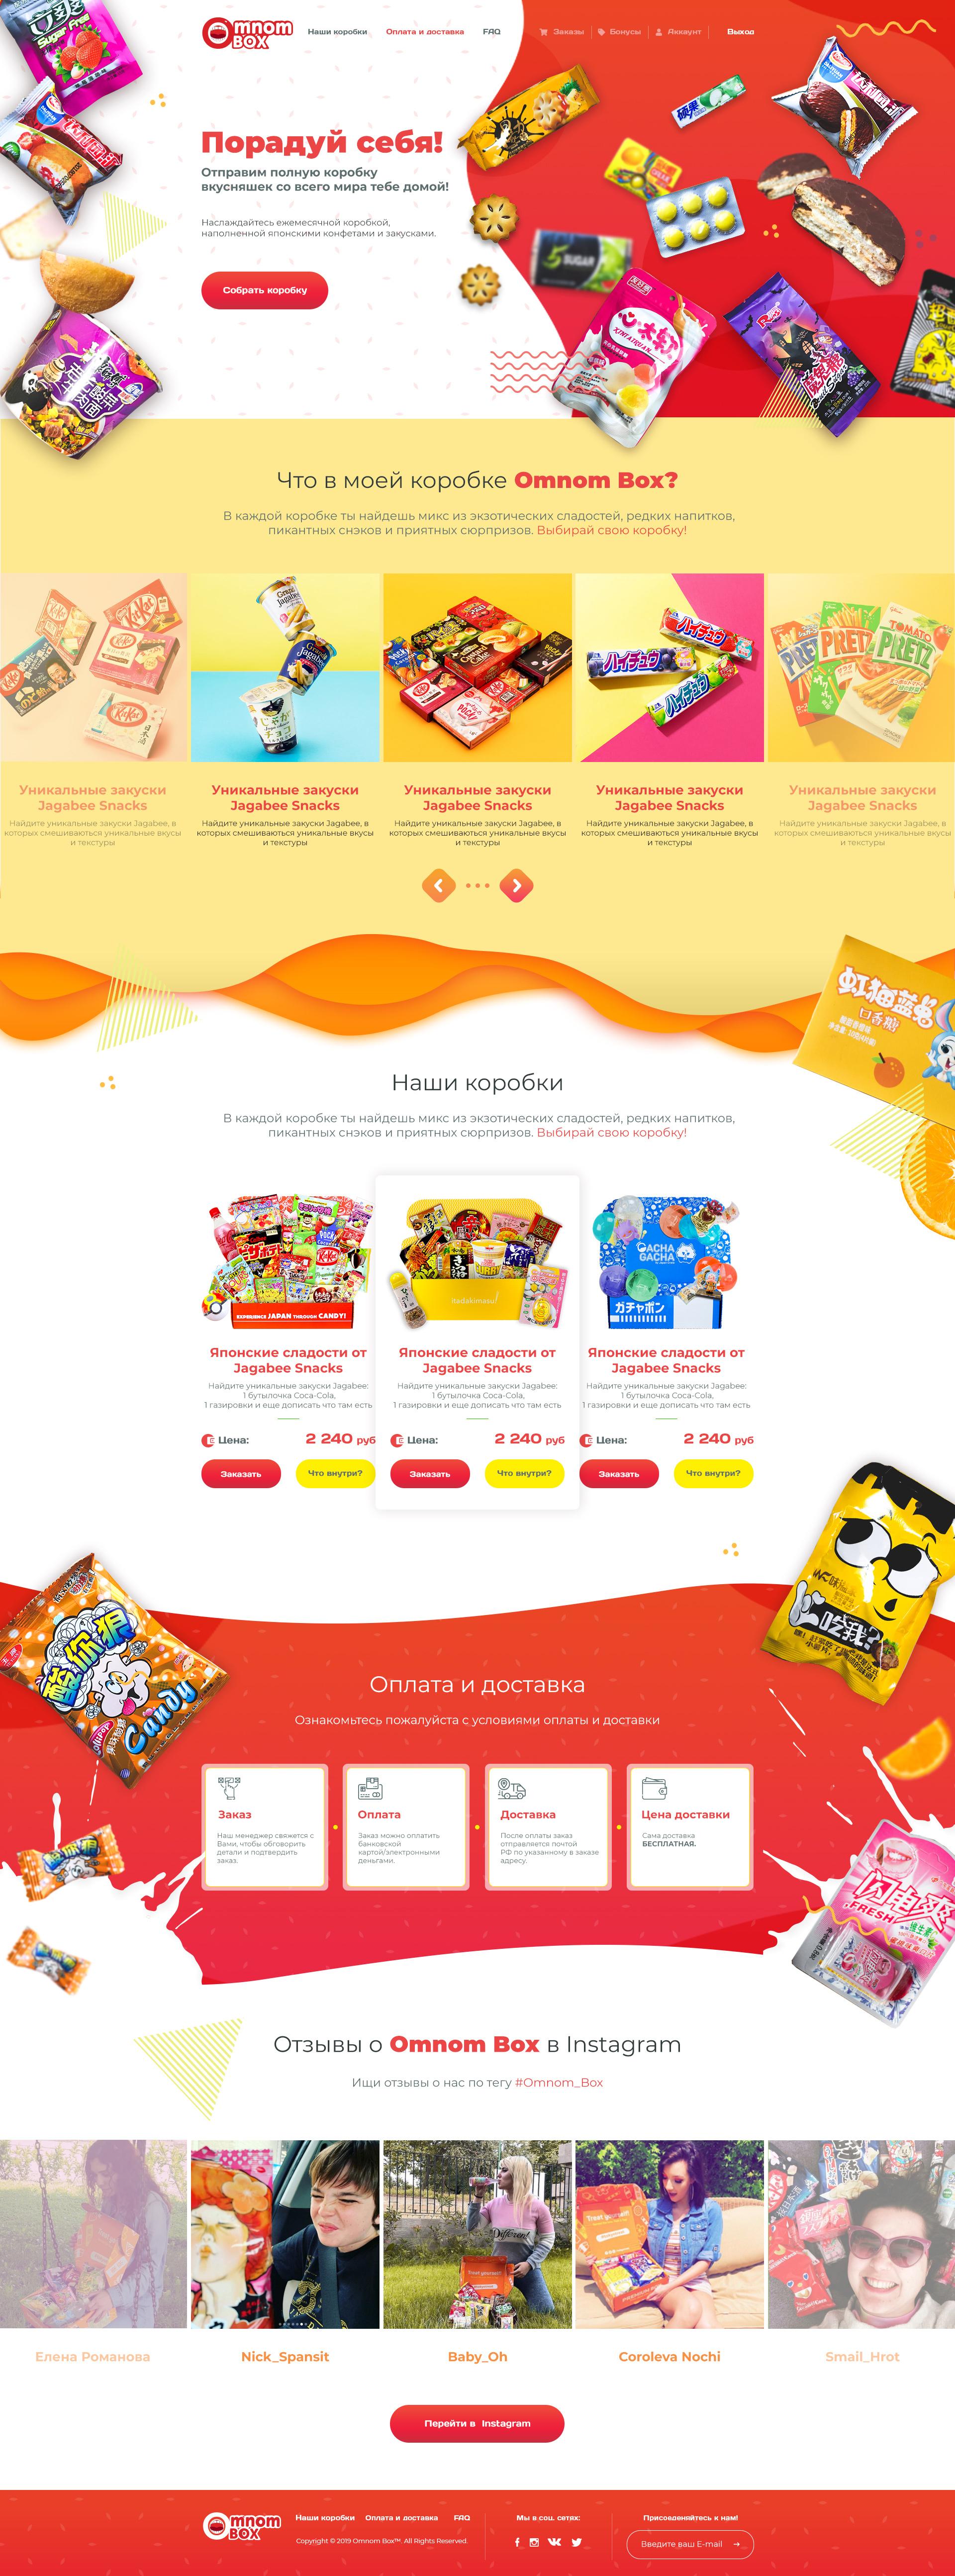 ОмномБокс (online store)